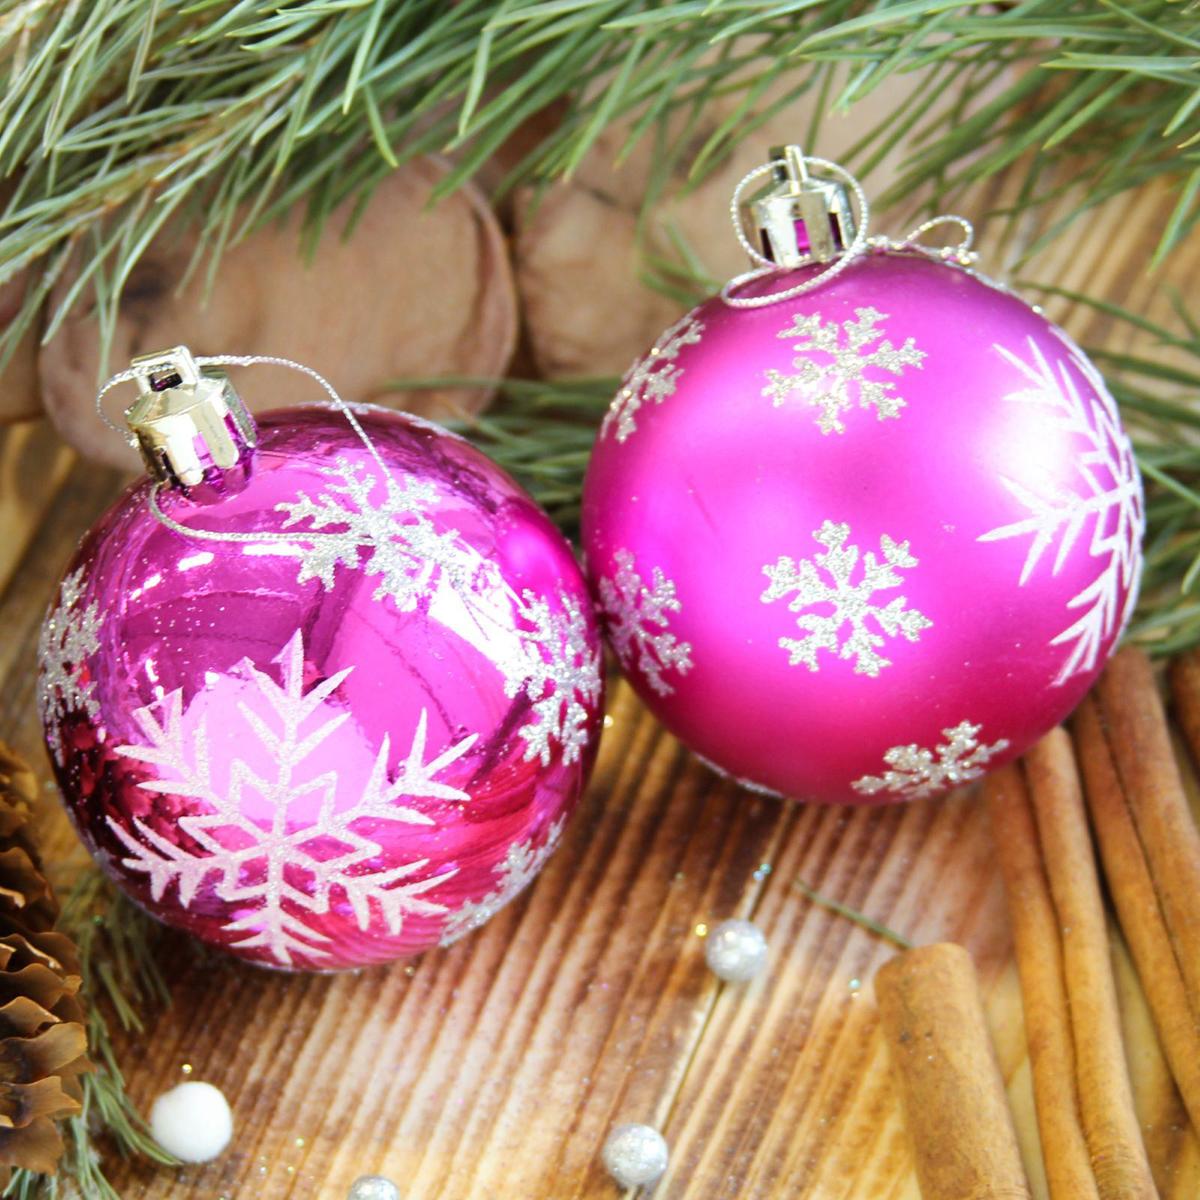 Набор новогодних подвесных украшений Sima-land Снегопад, диаметр 6 см, 8 шт2122953Набор новогодних подвесных украшений Sima-land отлично подойдет для декорации вашего дома и новогодней ели. С помощью специальной петельки украшение можно повесить в любом понравившемся вам месте. Но, конечно, удачнее всего оно будет смотреться на праздничной елке. Елочная игрушка - символ Нового года. Она несет в себе волшебство и красоту праздника. Создайте в своем доме атмосферу веселья и радости, украшая новогоднюю елку нарядными игрушками, которые будут из года в год накапливать теплоту воспоминаний.